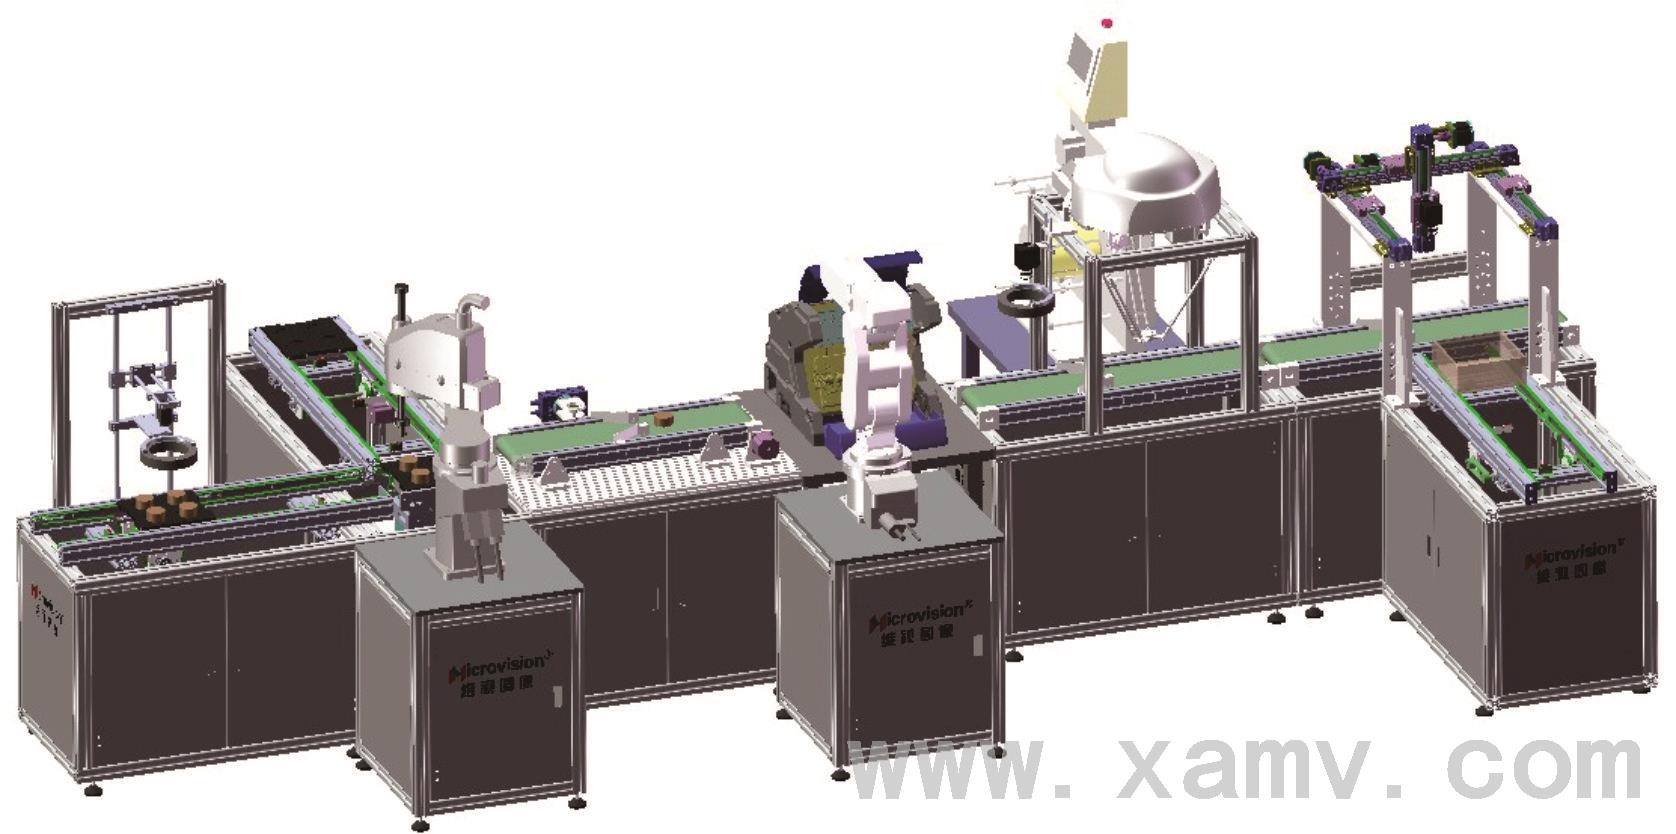 1. 系统集成度高 该系统将机械、气动、电气控制、电机传动、智能检测、视觉定位识别、四轴工业机器人、六轴工业机器人、并行机器人、三轴直角坐标机器人、NC数控系统、PLC以及工业网络控制技术有机地进行整合。 2. 使用便利 采用模块化结构设计,各组成模块组合方便;不仅可以拆开进行各类单线技能训练还可以快速组合,进行综合性项目训练。最大程度的地满足了实训教学、工程训练的需求。 3.